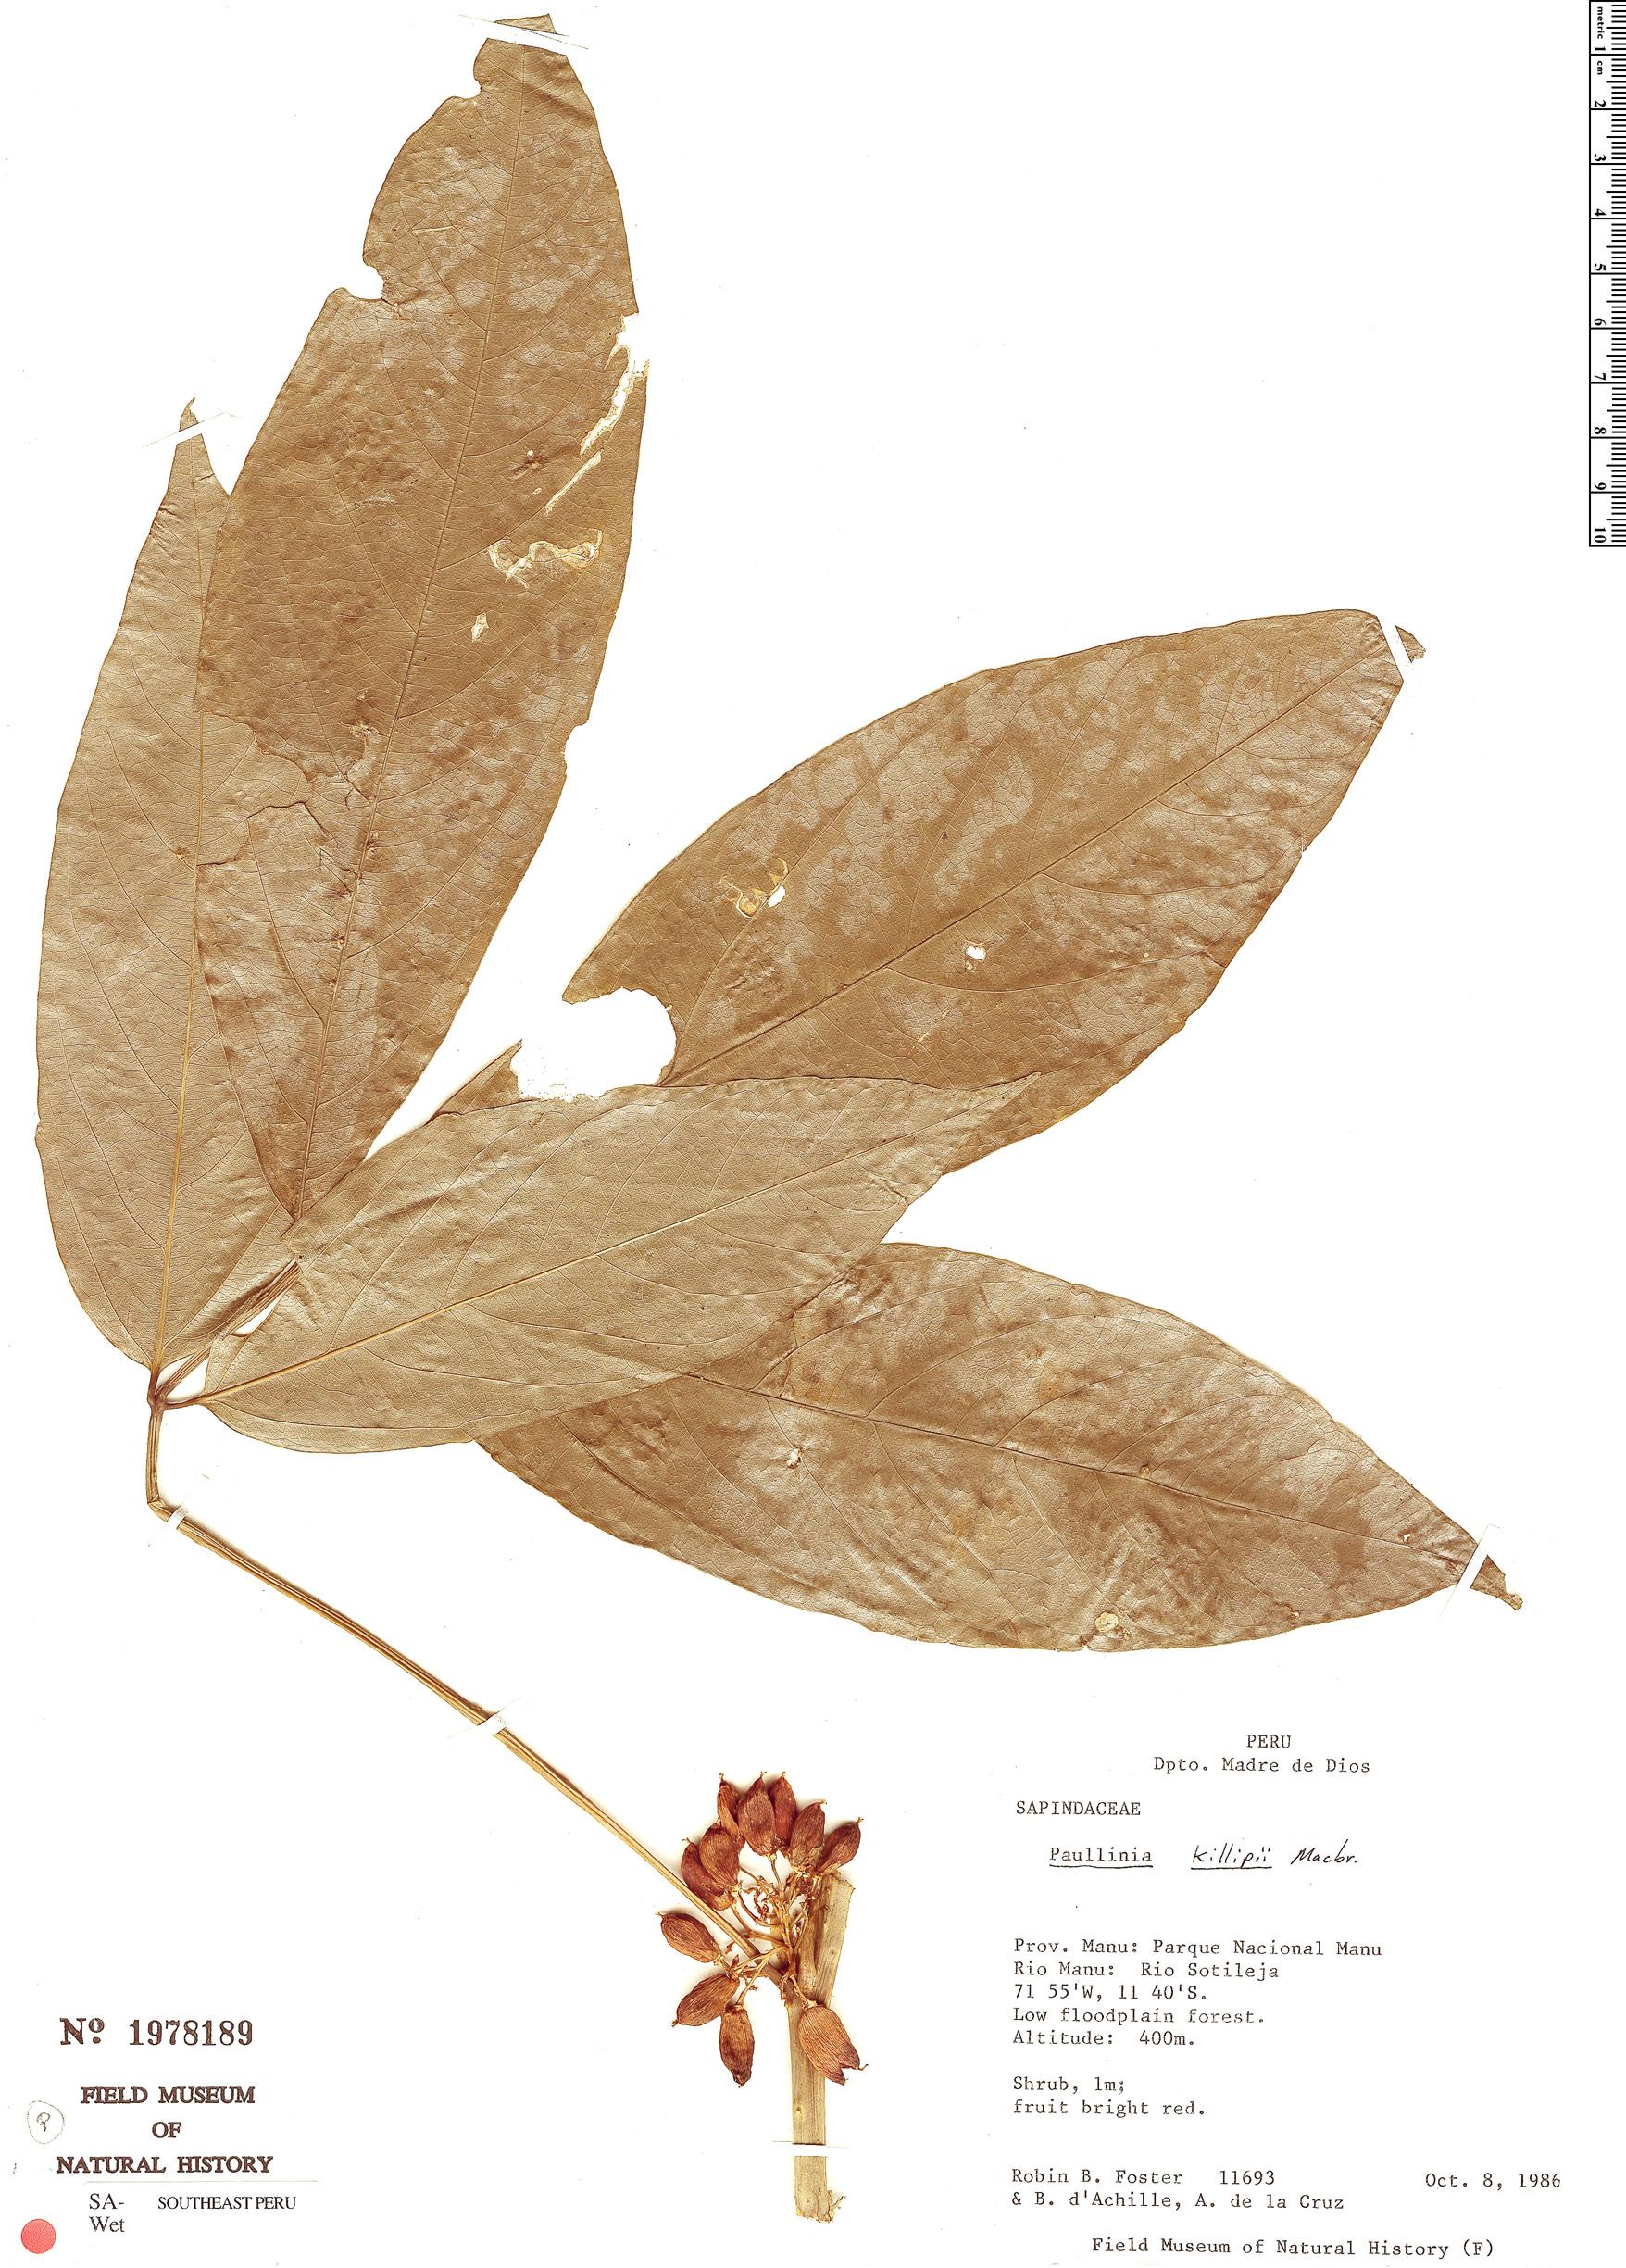 Specimen: Paullinia killipii